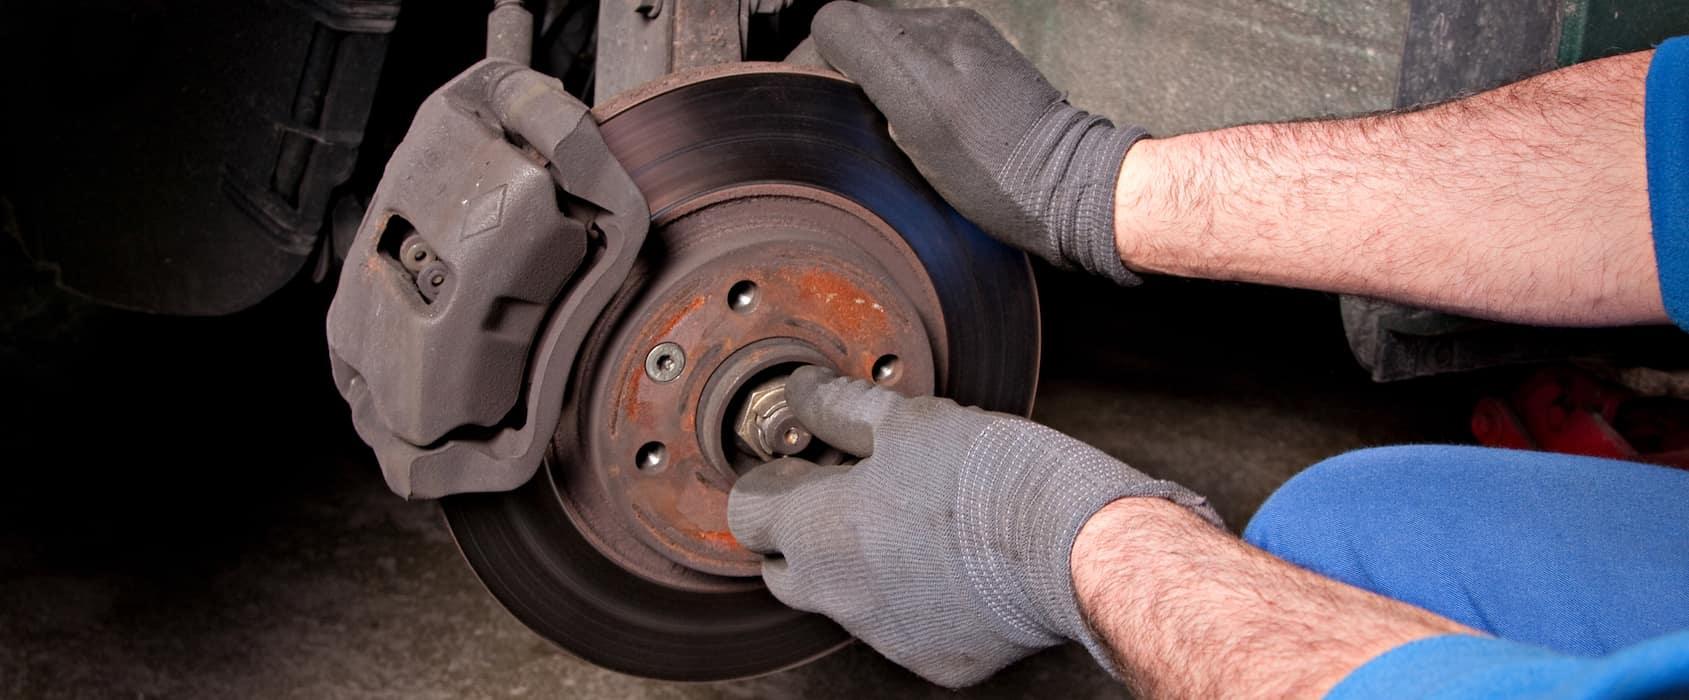 man repairing brakes